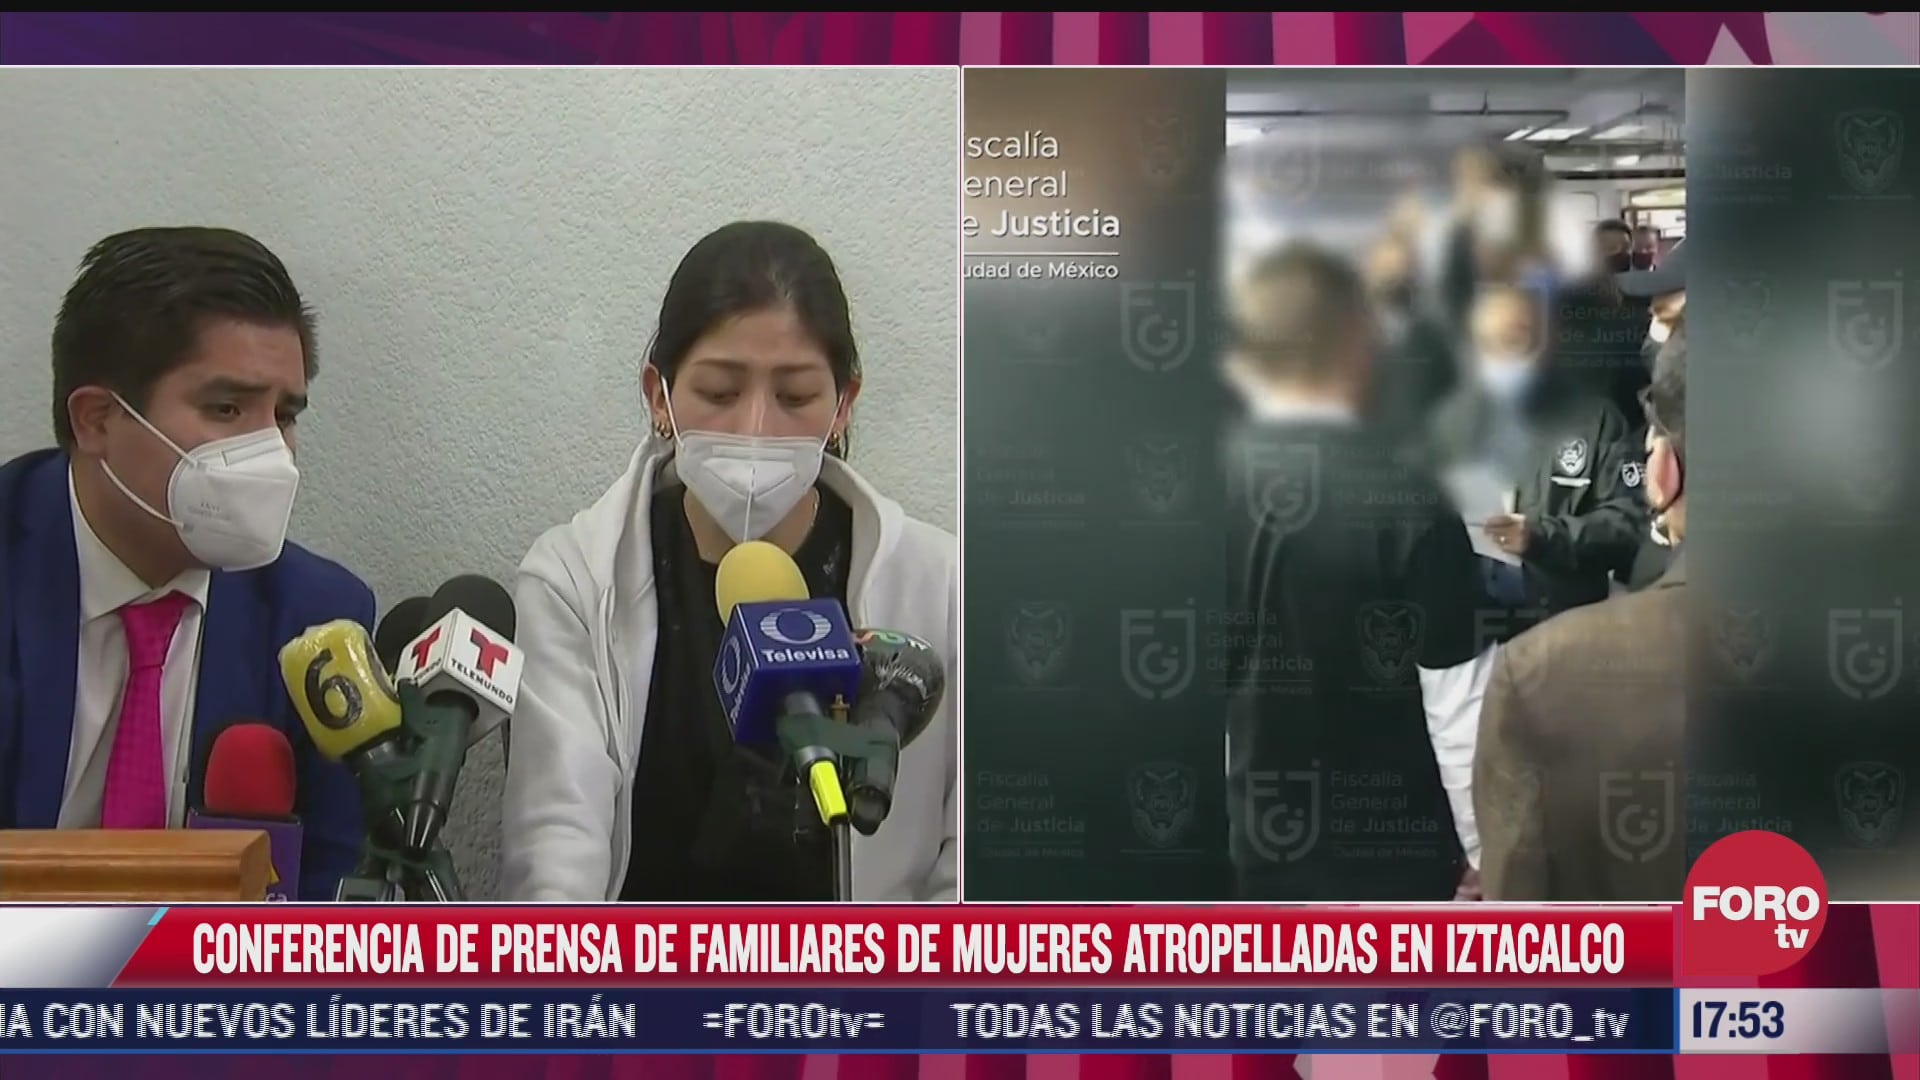 familiares de mujeres atropelladas en iztacalco solicitan atencion medica especializada